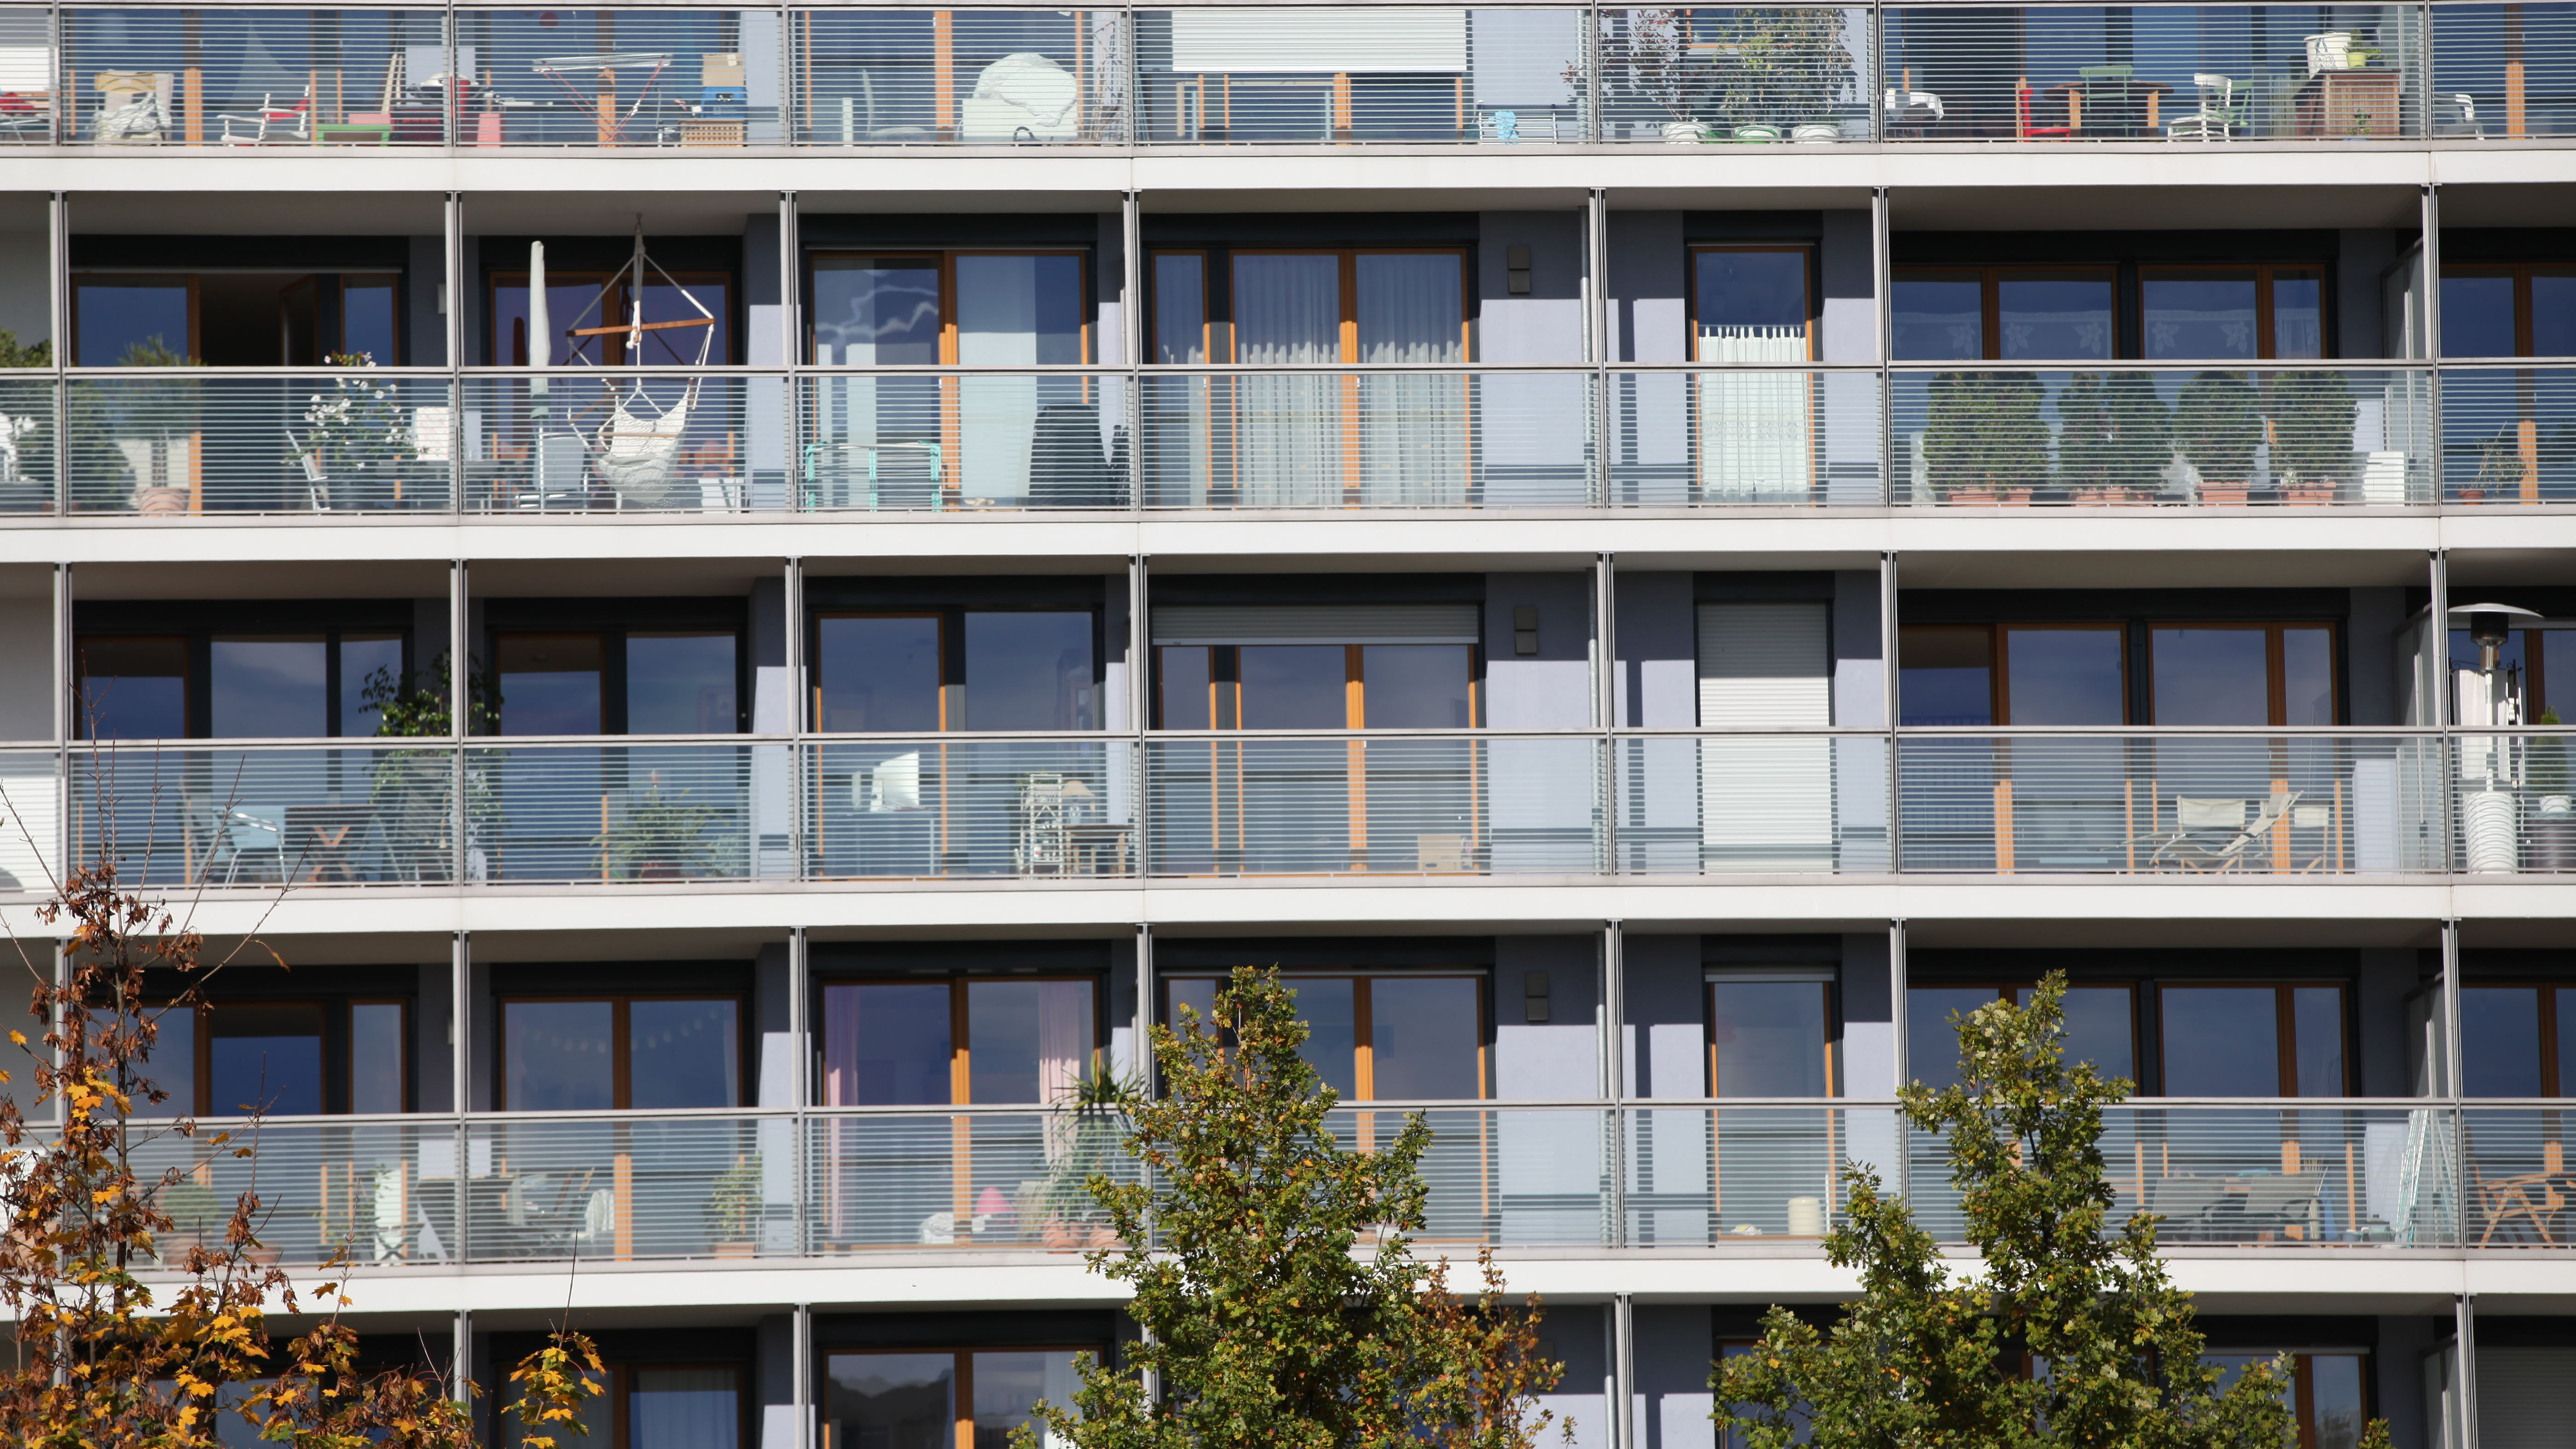 Mehrstöckiges Wohnhaus mit Balkonen am Ackermannbogen in München